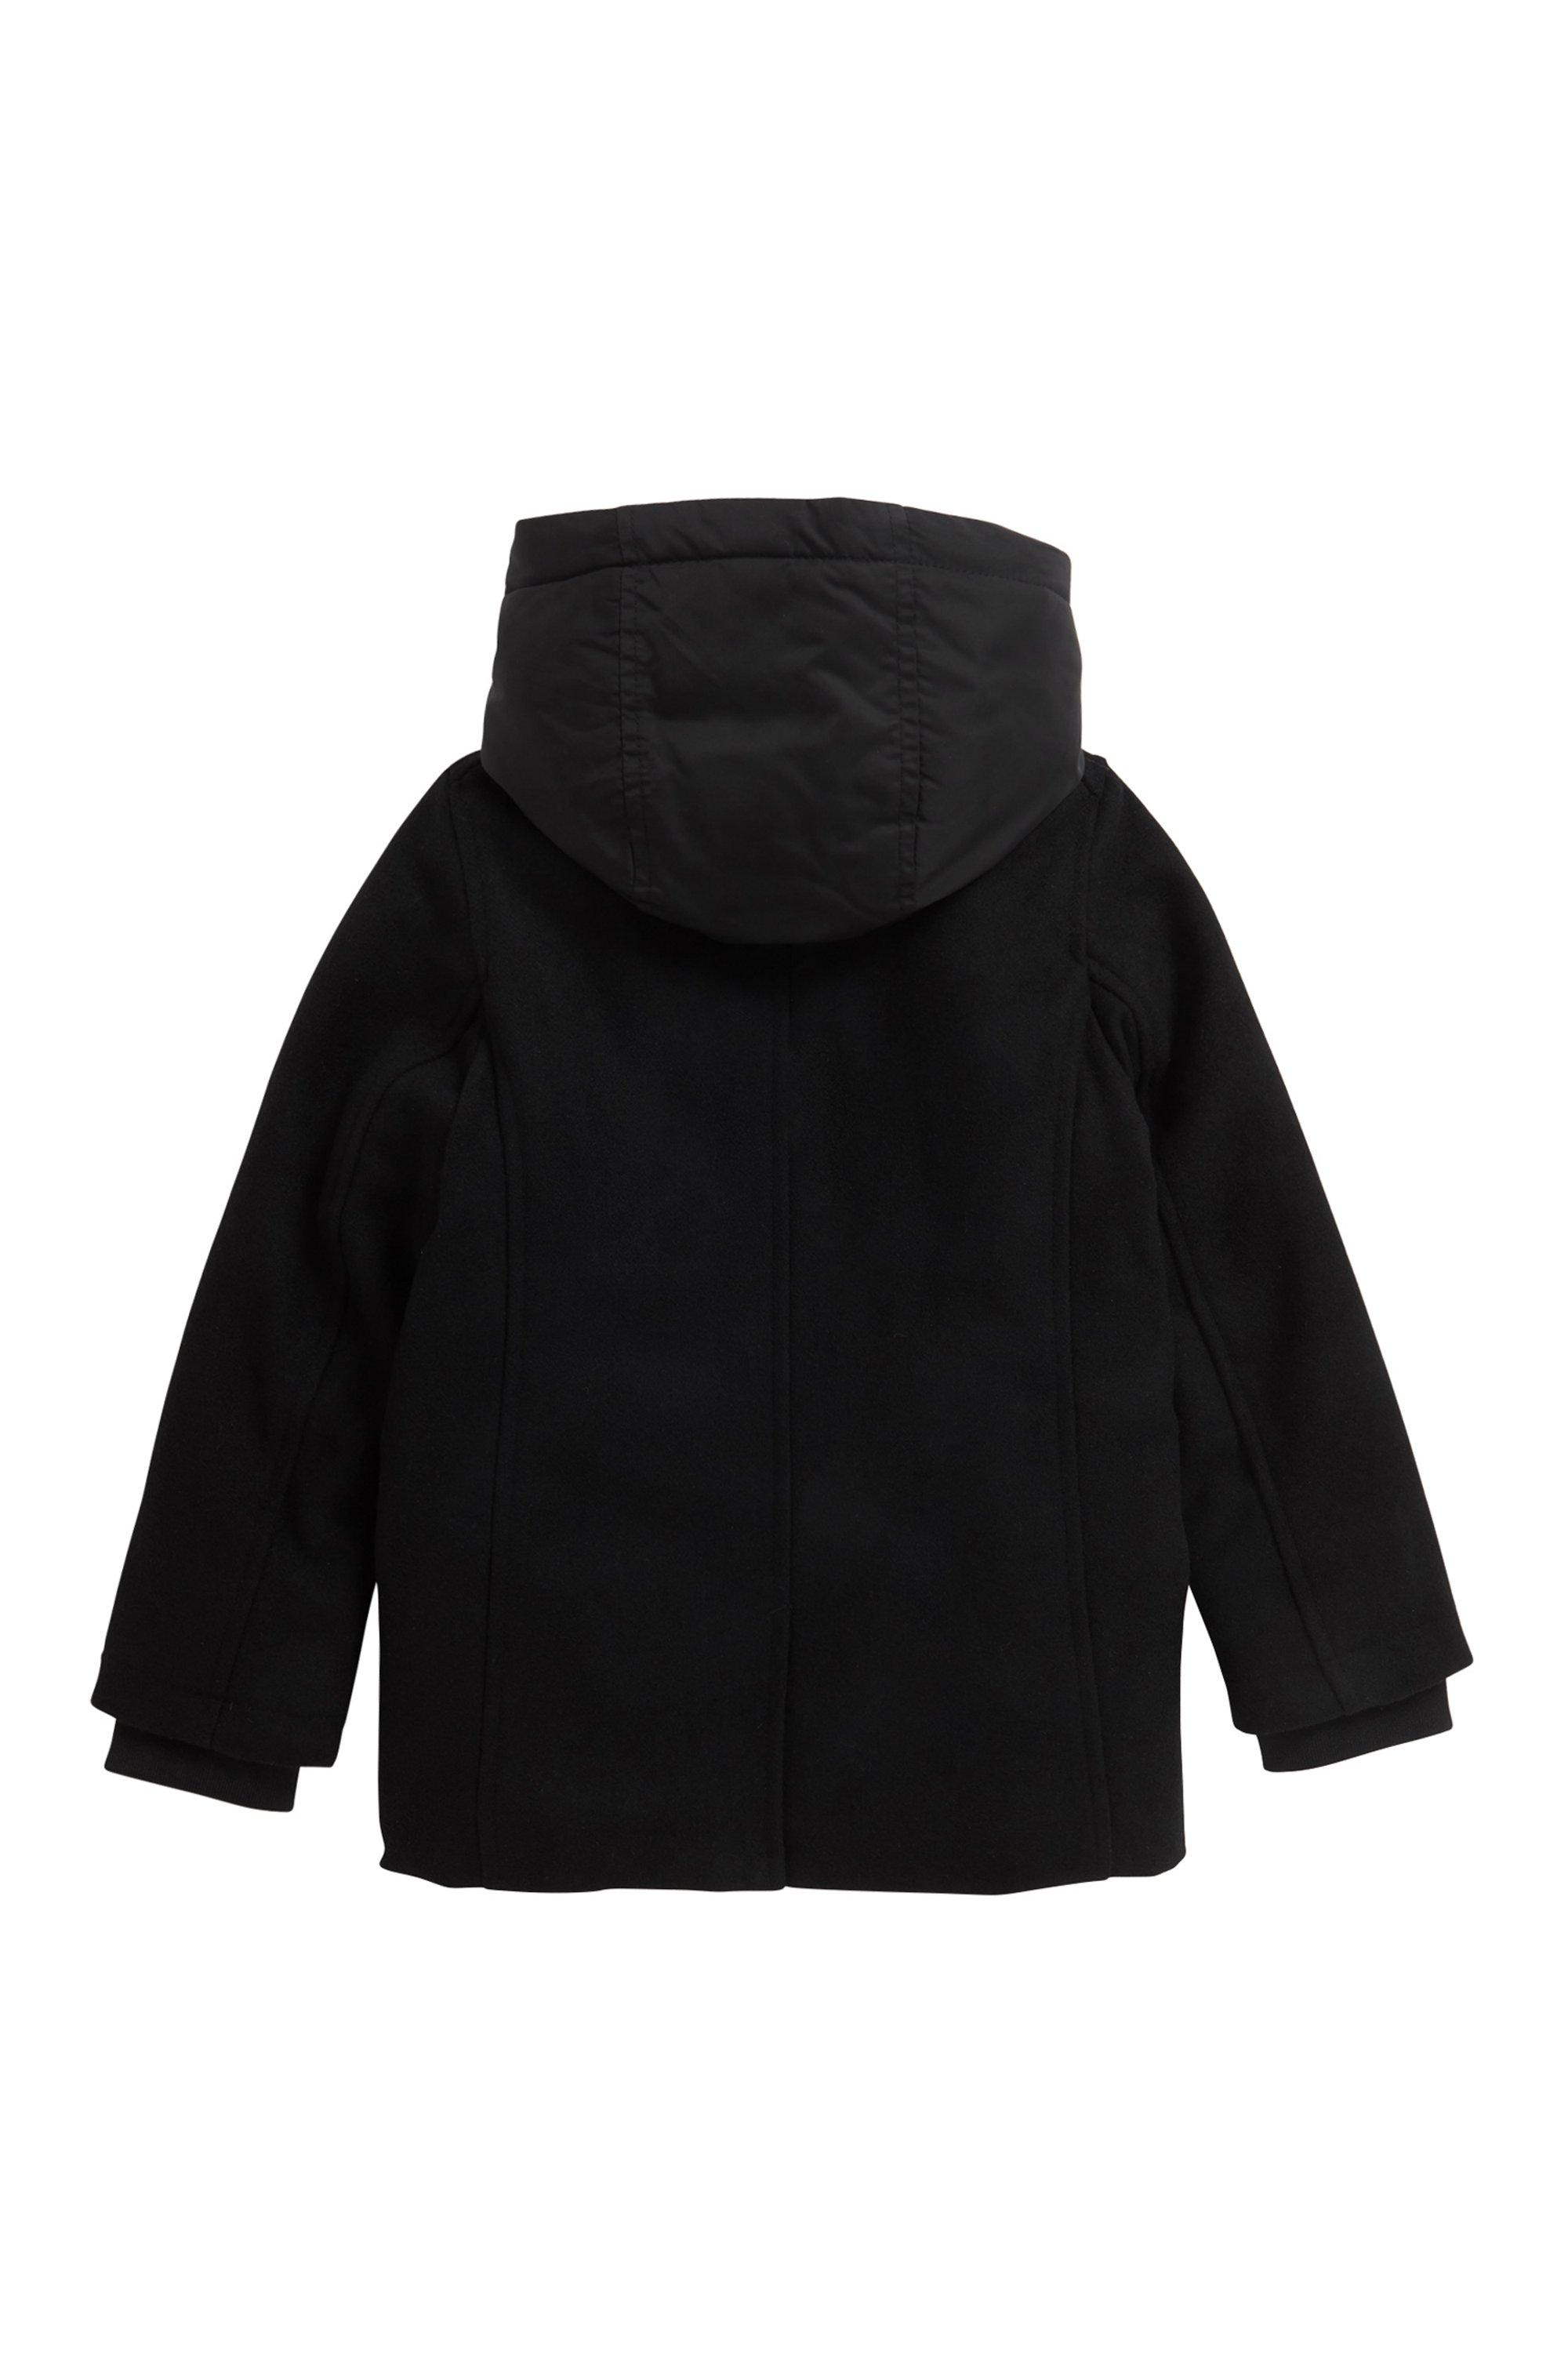 Manteau à capuche en laine mélangée, pour enfant